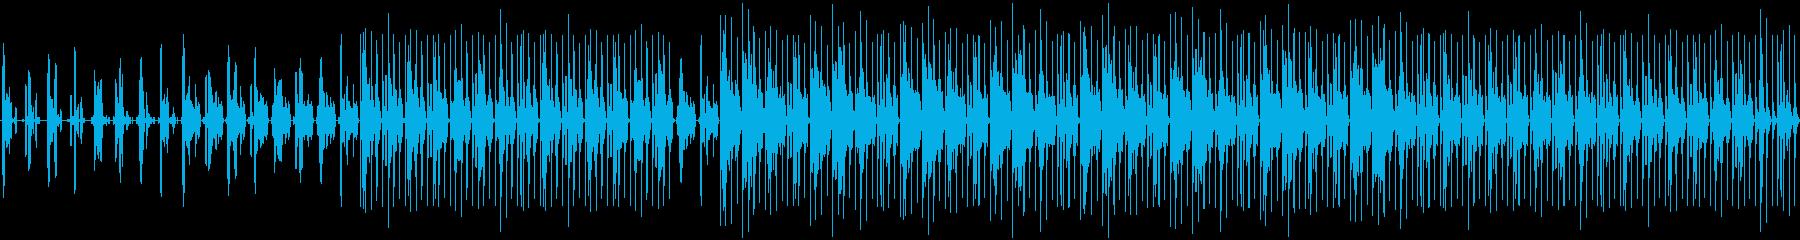 Deepなハウス系のループの再生済みの波形